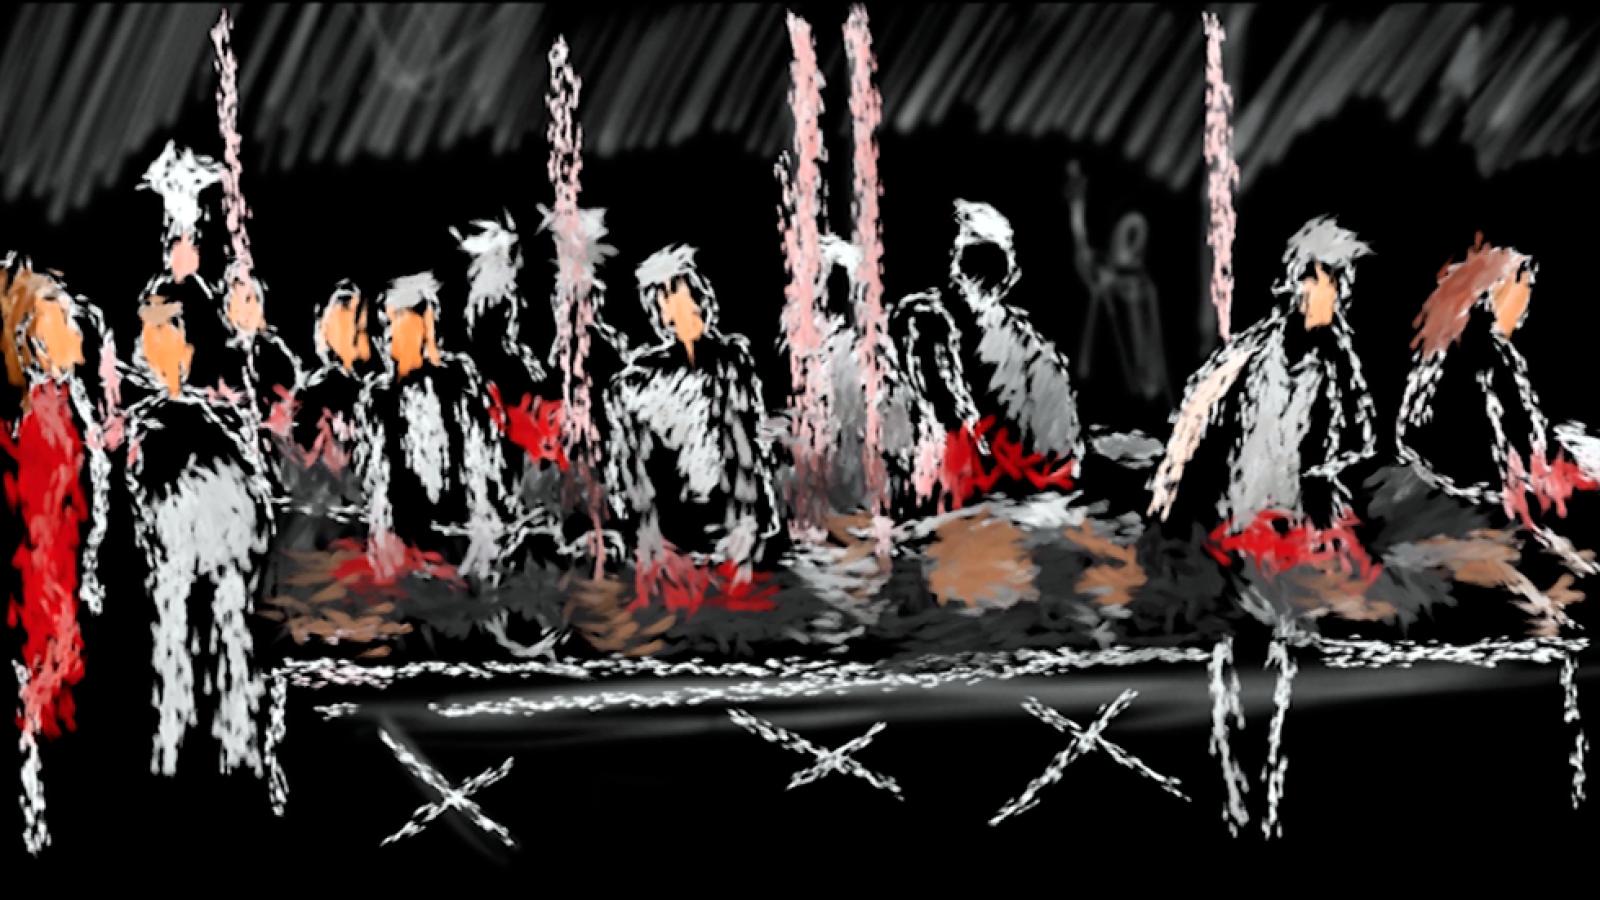 La cocina - Paso a paso del boceto de una escena de la obra teatral 'La cocina'